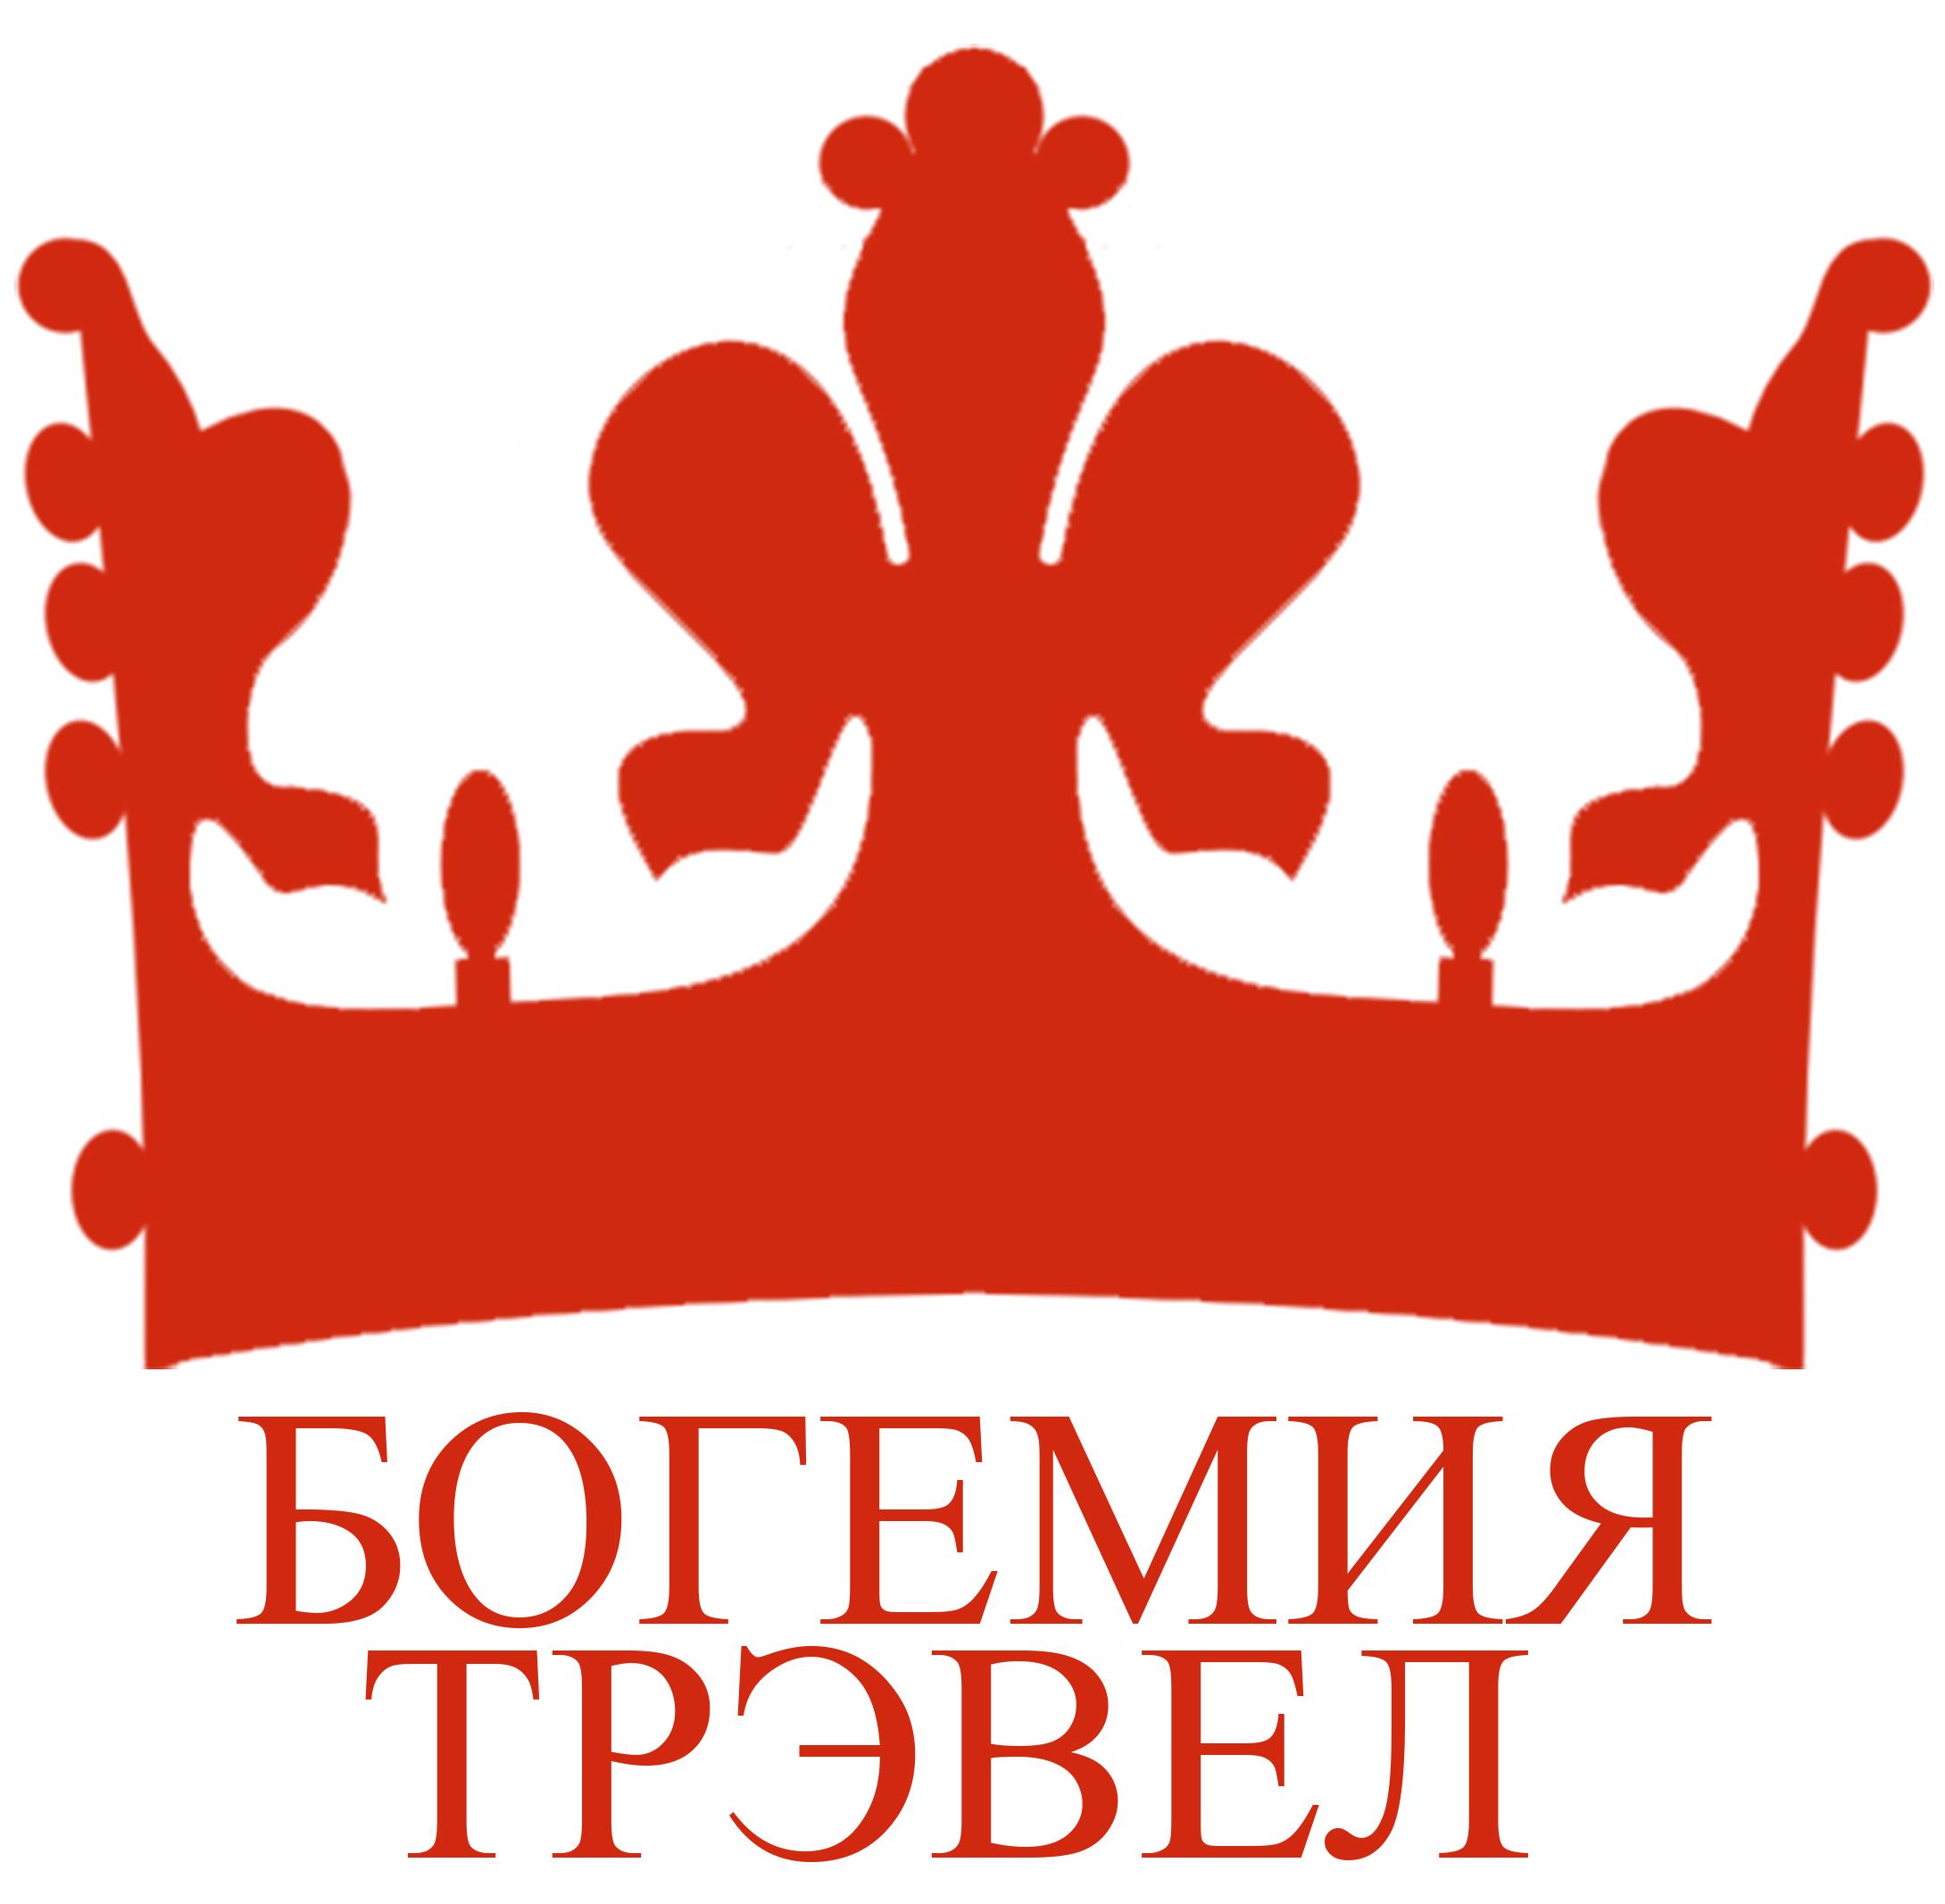 Белосток - Варшава от 132 руб.*/4 дня